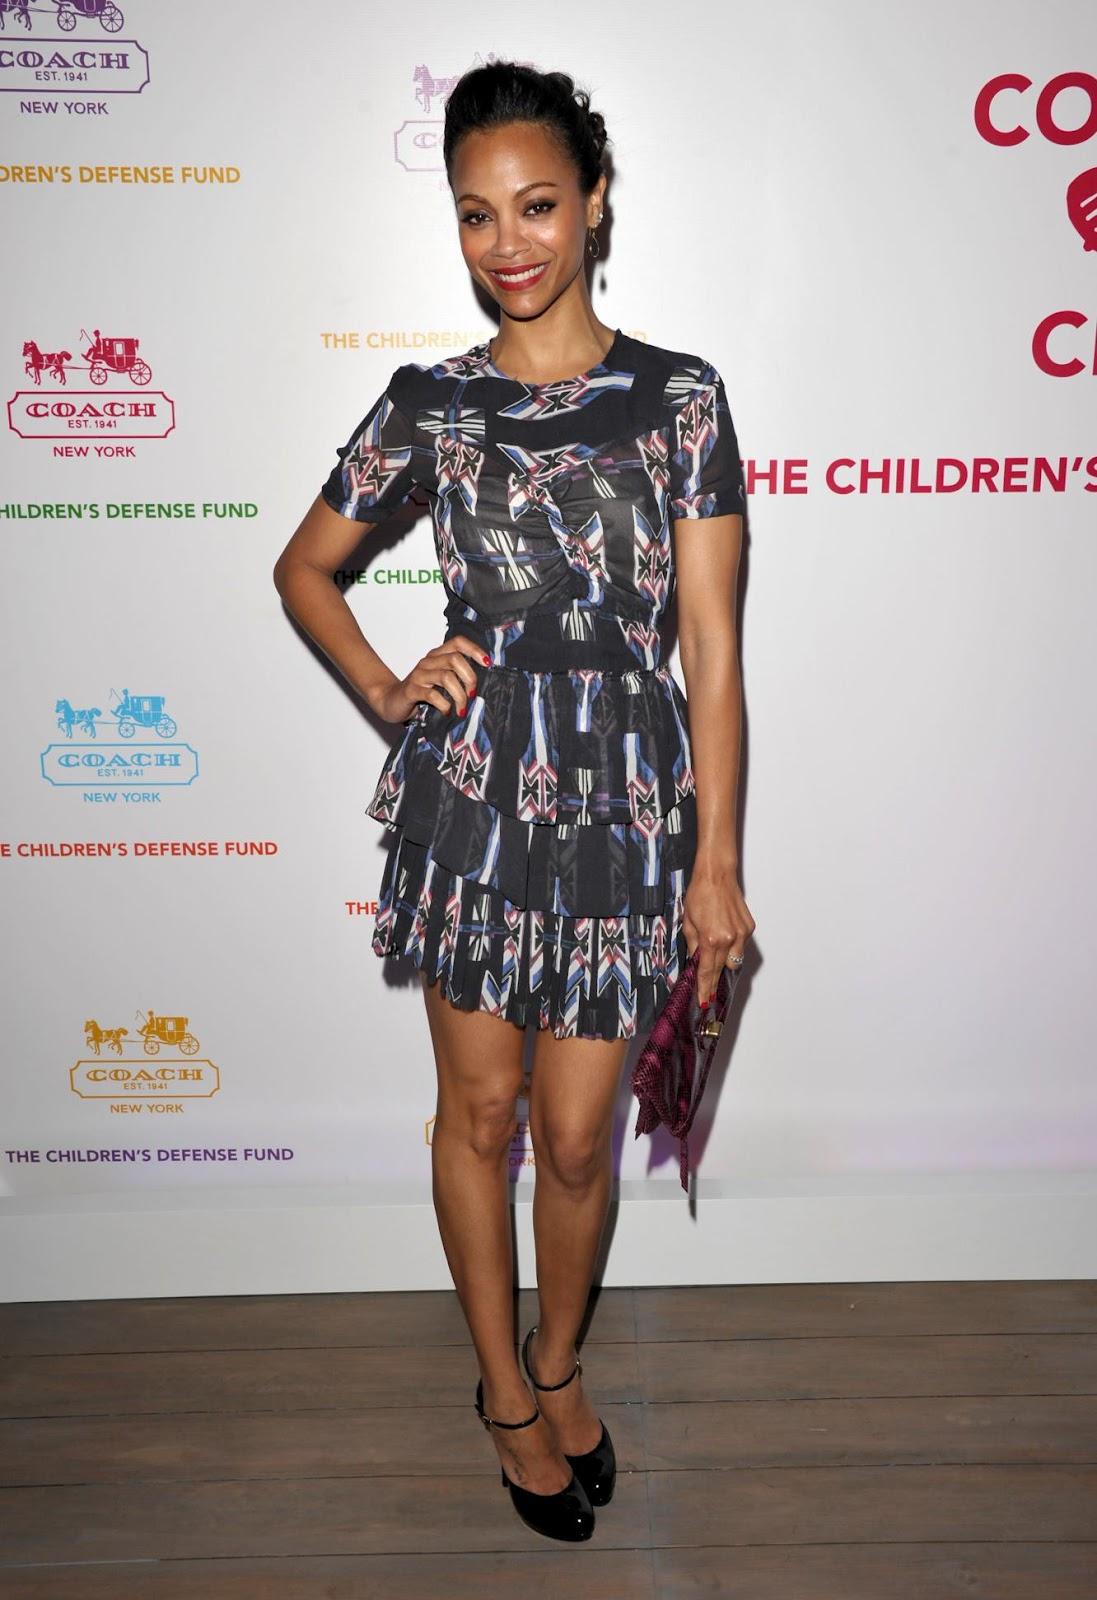 http://4.bp.blogspot.com/-tm3Z6kq4S8Q/T3KBUXvU4nI/AAAAAAAABE8/1U7dsdcRb-8/s1600/Zoe+Saldana+printed+dress.jpg